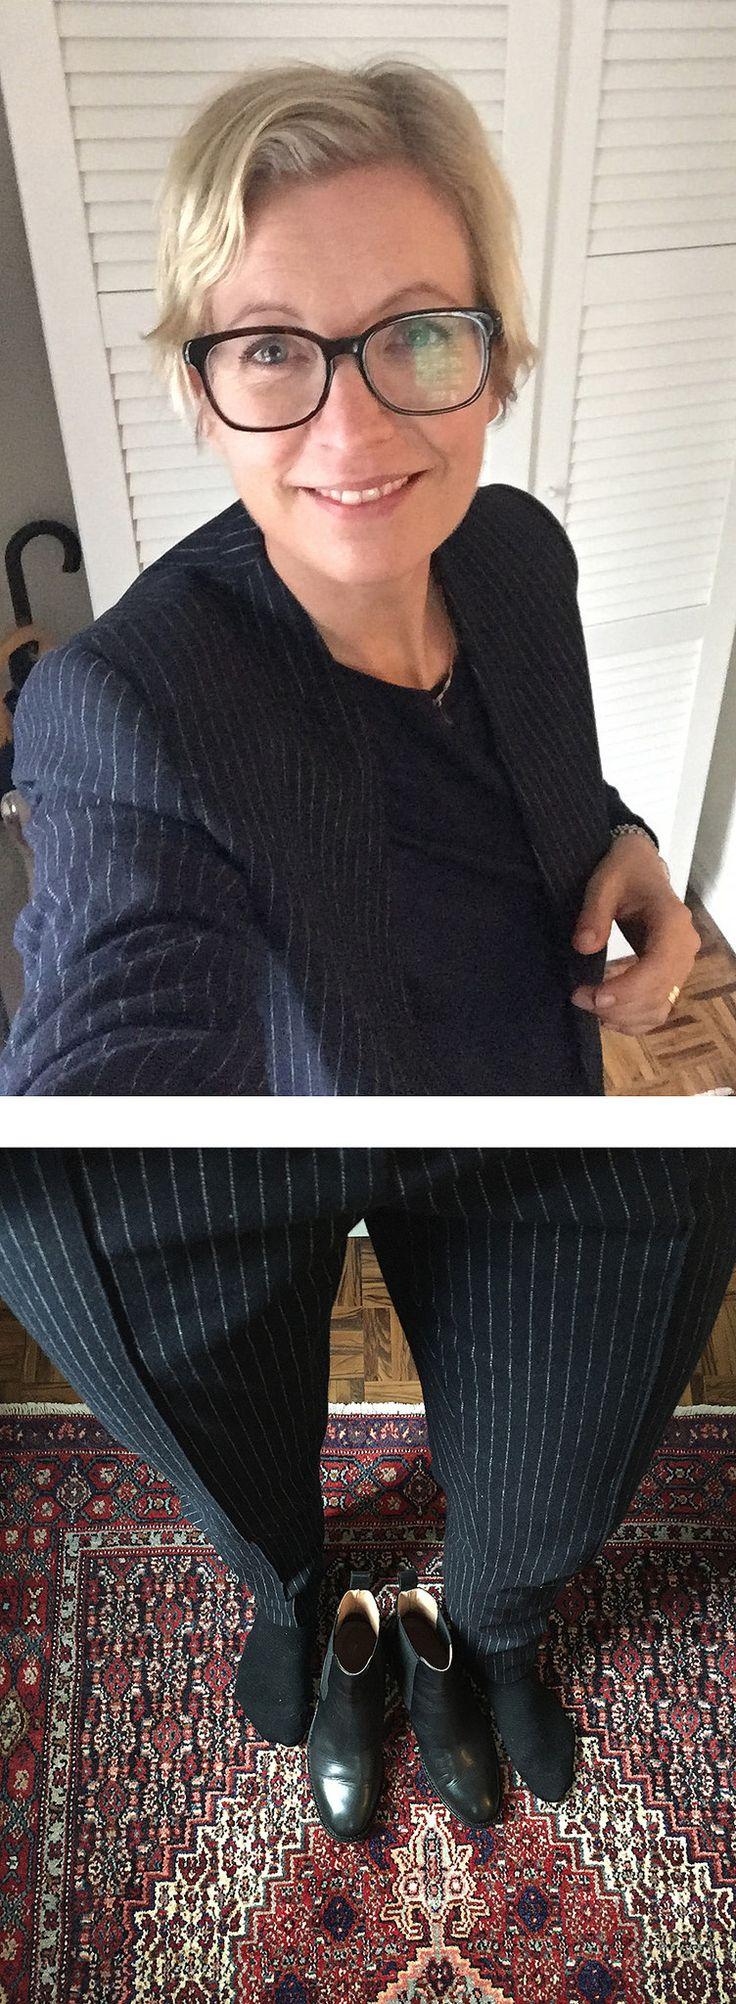 https://flic.kr/p/NNSmUy | 2016-11-07 | Marinblå långärmad top COS, marinblå kritstrecksrandig kostym H&M, svarta loafers Vagabond